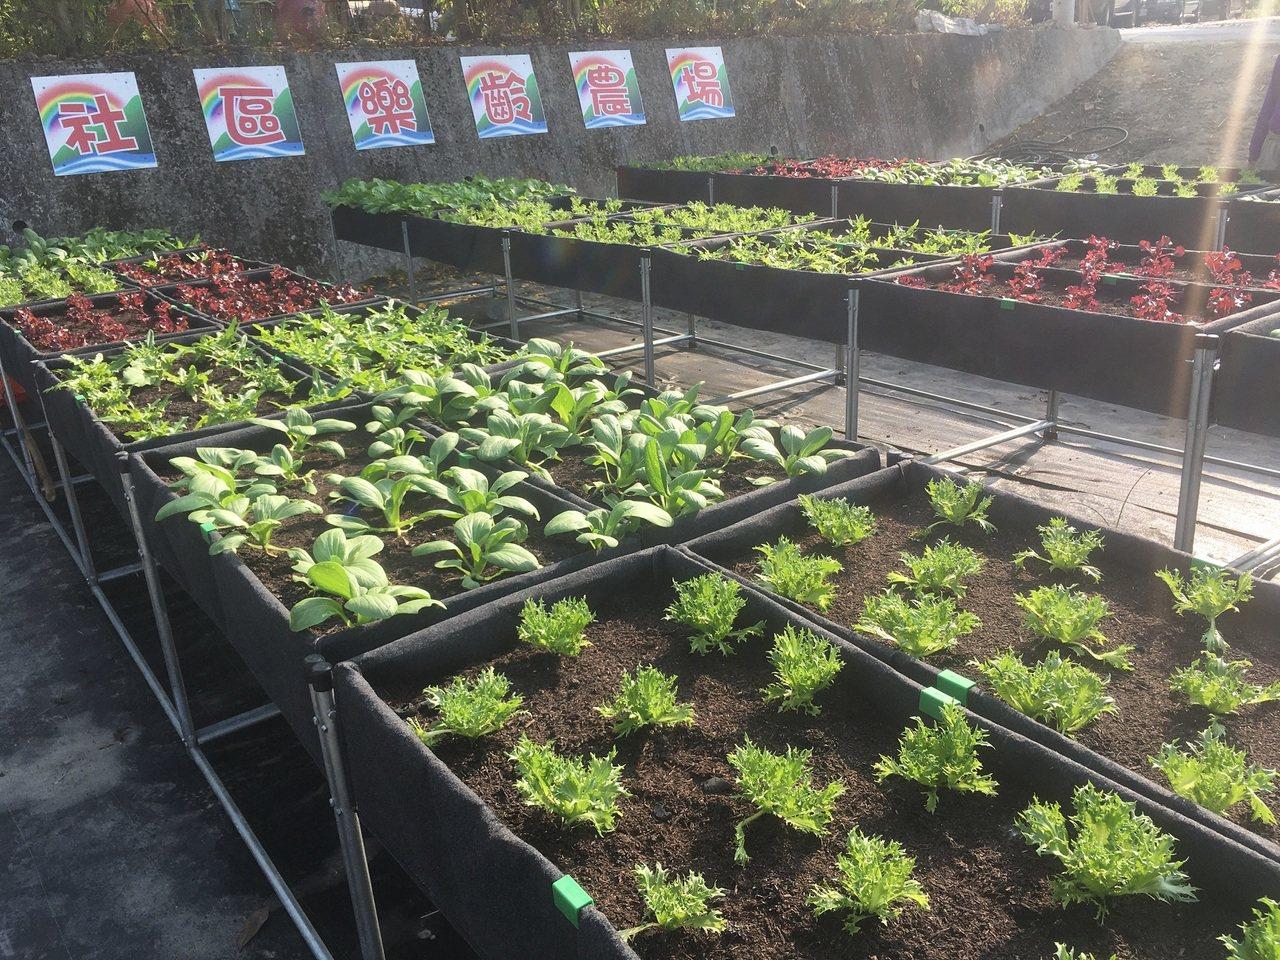 南投縣環保局推動低碳永續家園,鼓勵村里打造社區農園。 圖/南投縣環保局提供